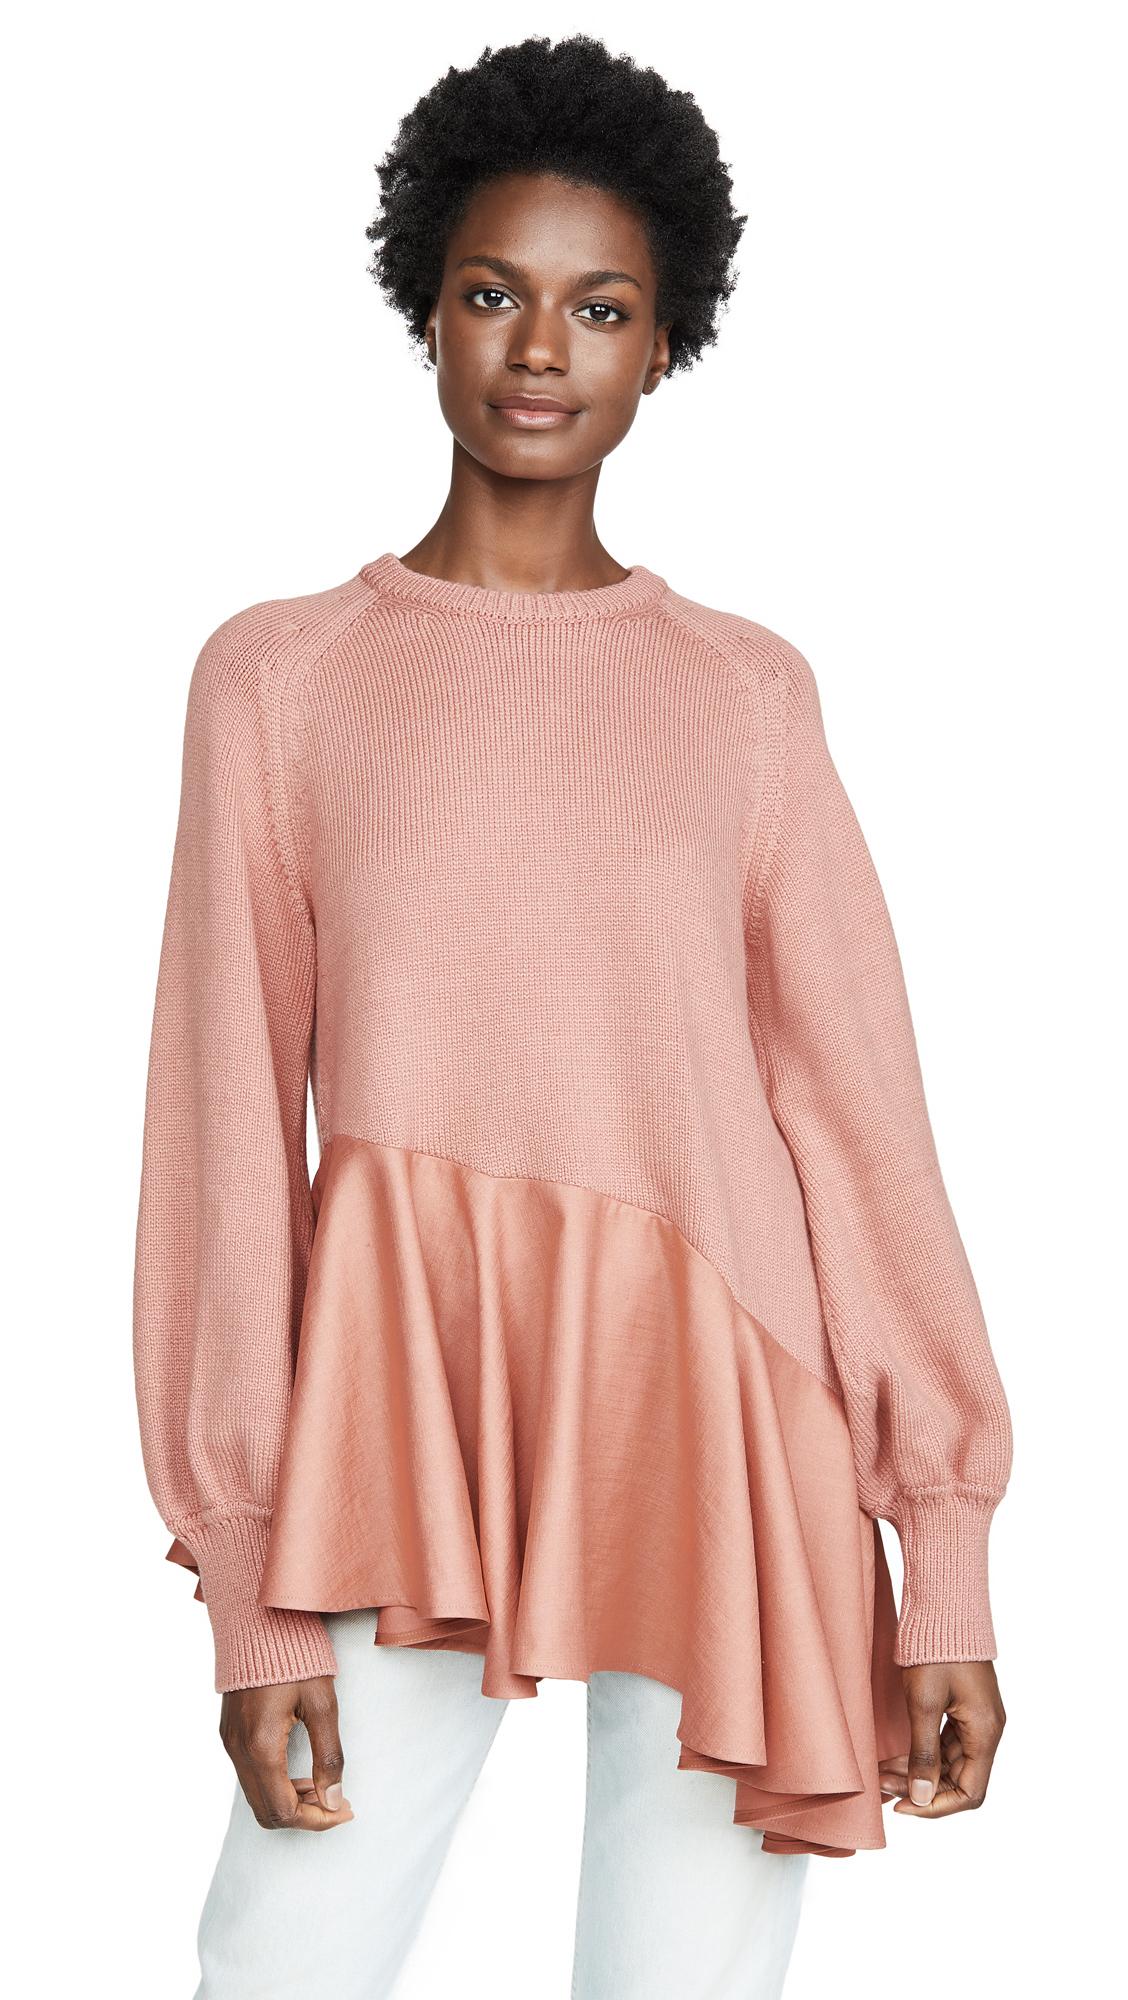 Adeam Asymmetrical Ruffle Sweater - Peach Coral